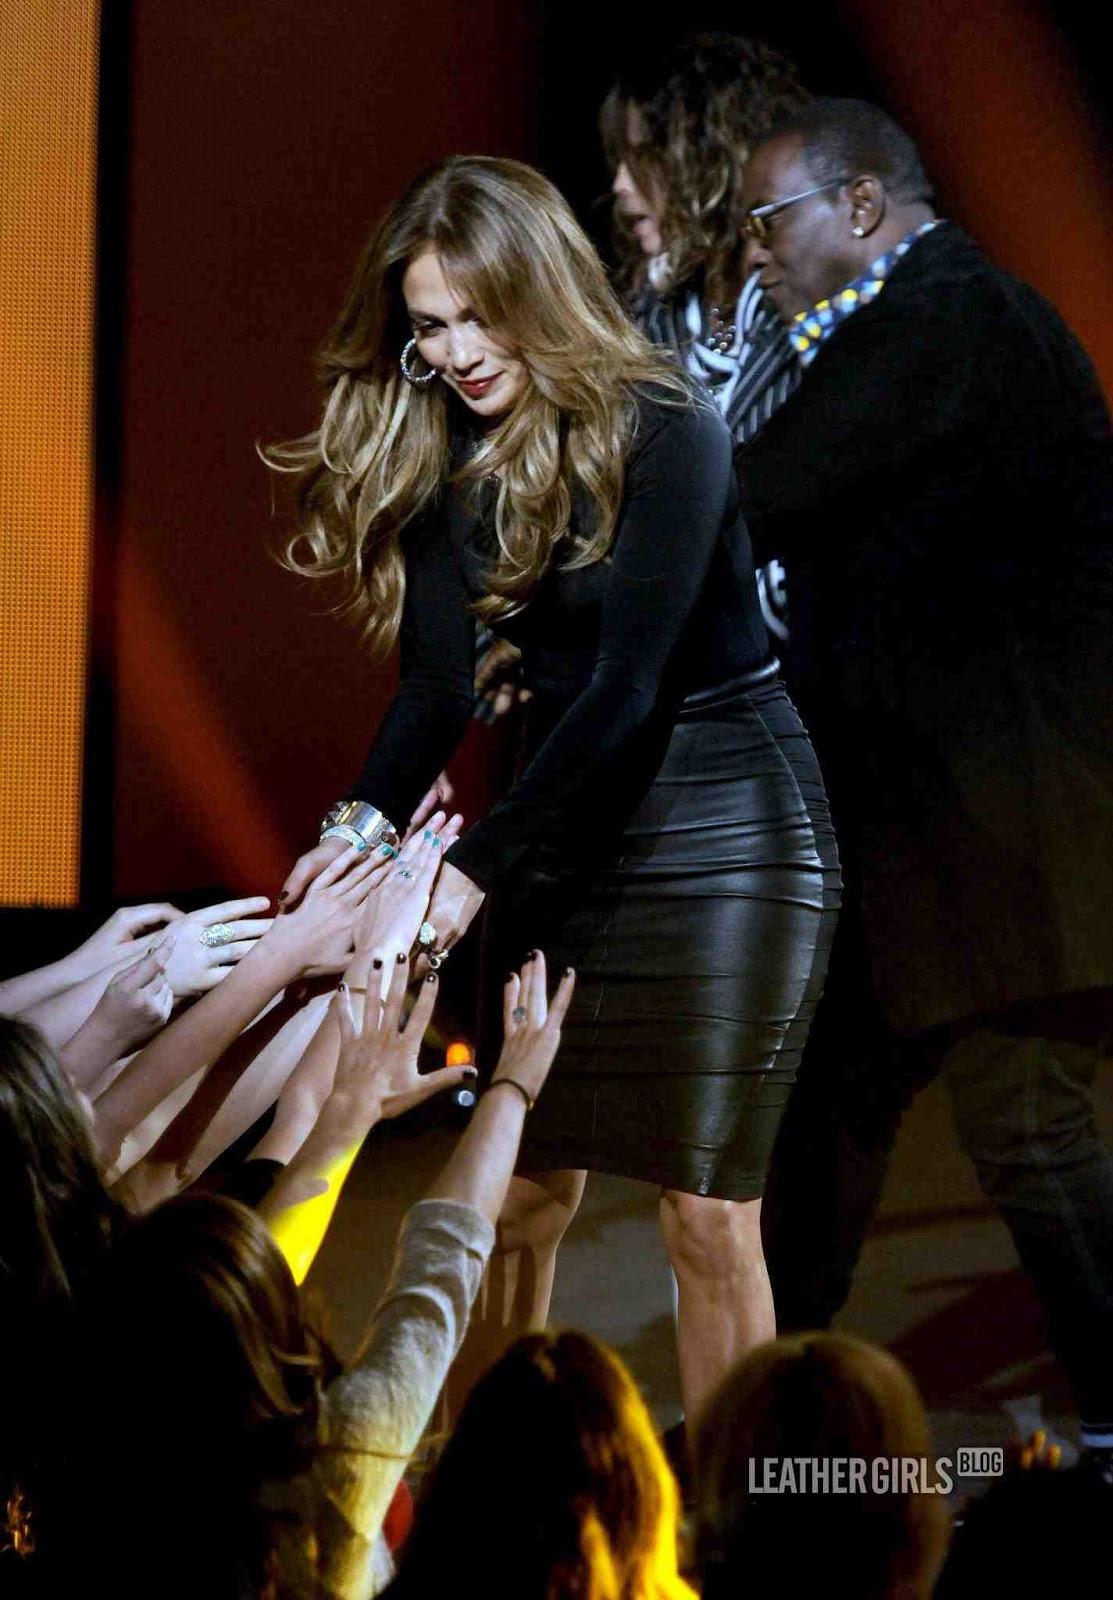 http://3.bp.blogspot.com/-ZeUxX18znsg/UDE27qpBsSI/AAAAAAAABjI/p1HxYoB4nv4/s1600/Jennifer+Lopez+(2).jpg